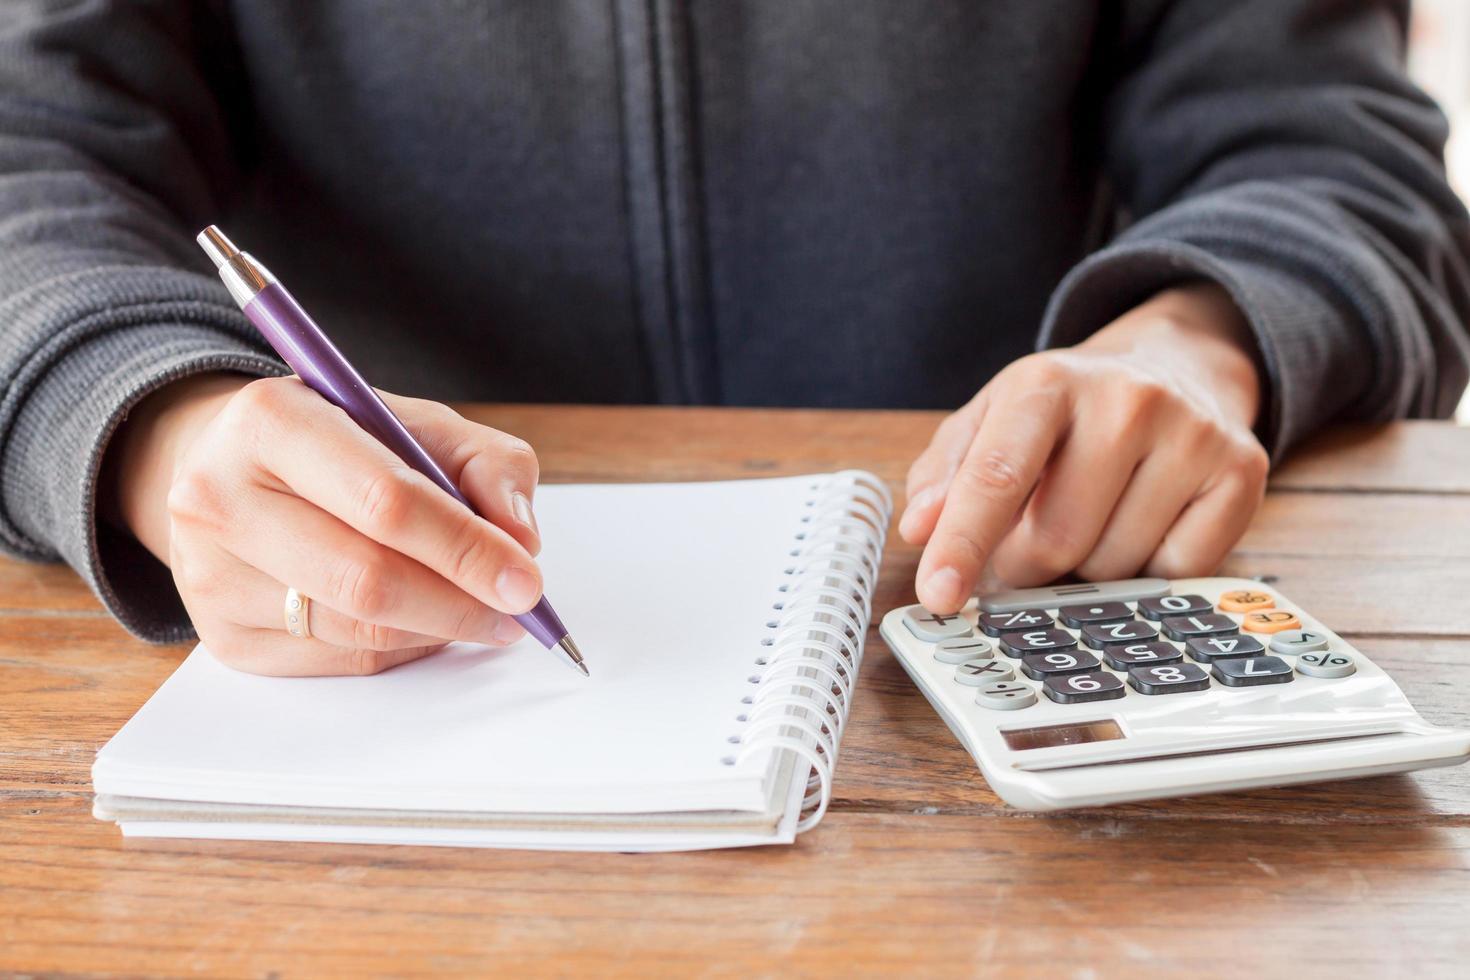 personne qui écrit dans un cahier avec une calculatrice photo